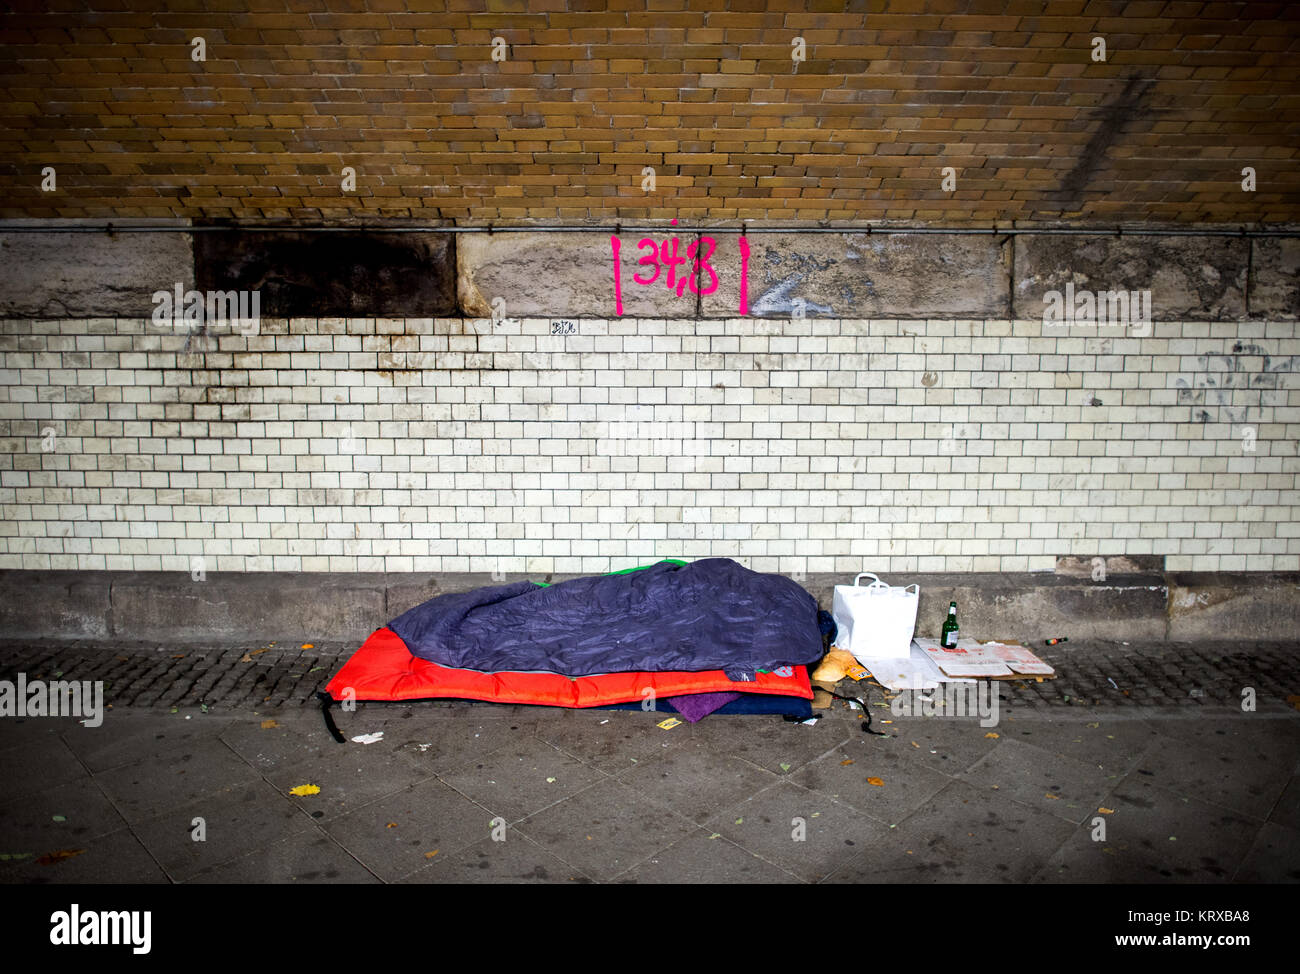 Hannover, Alemania. 26 Nov, 2017. Las pertenencias de una persona sin hogar radican en el ferrocarril subterráneo Imagen De Stock